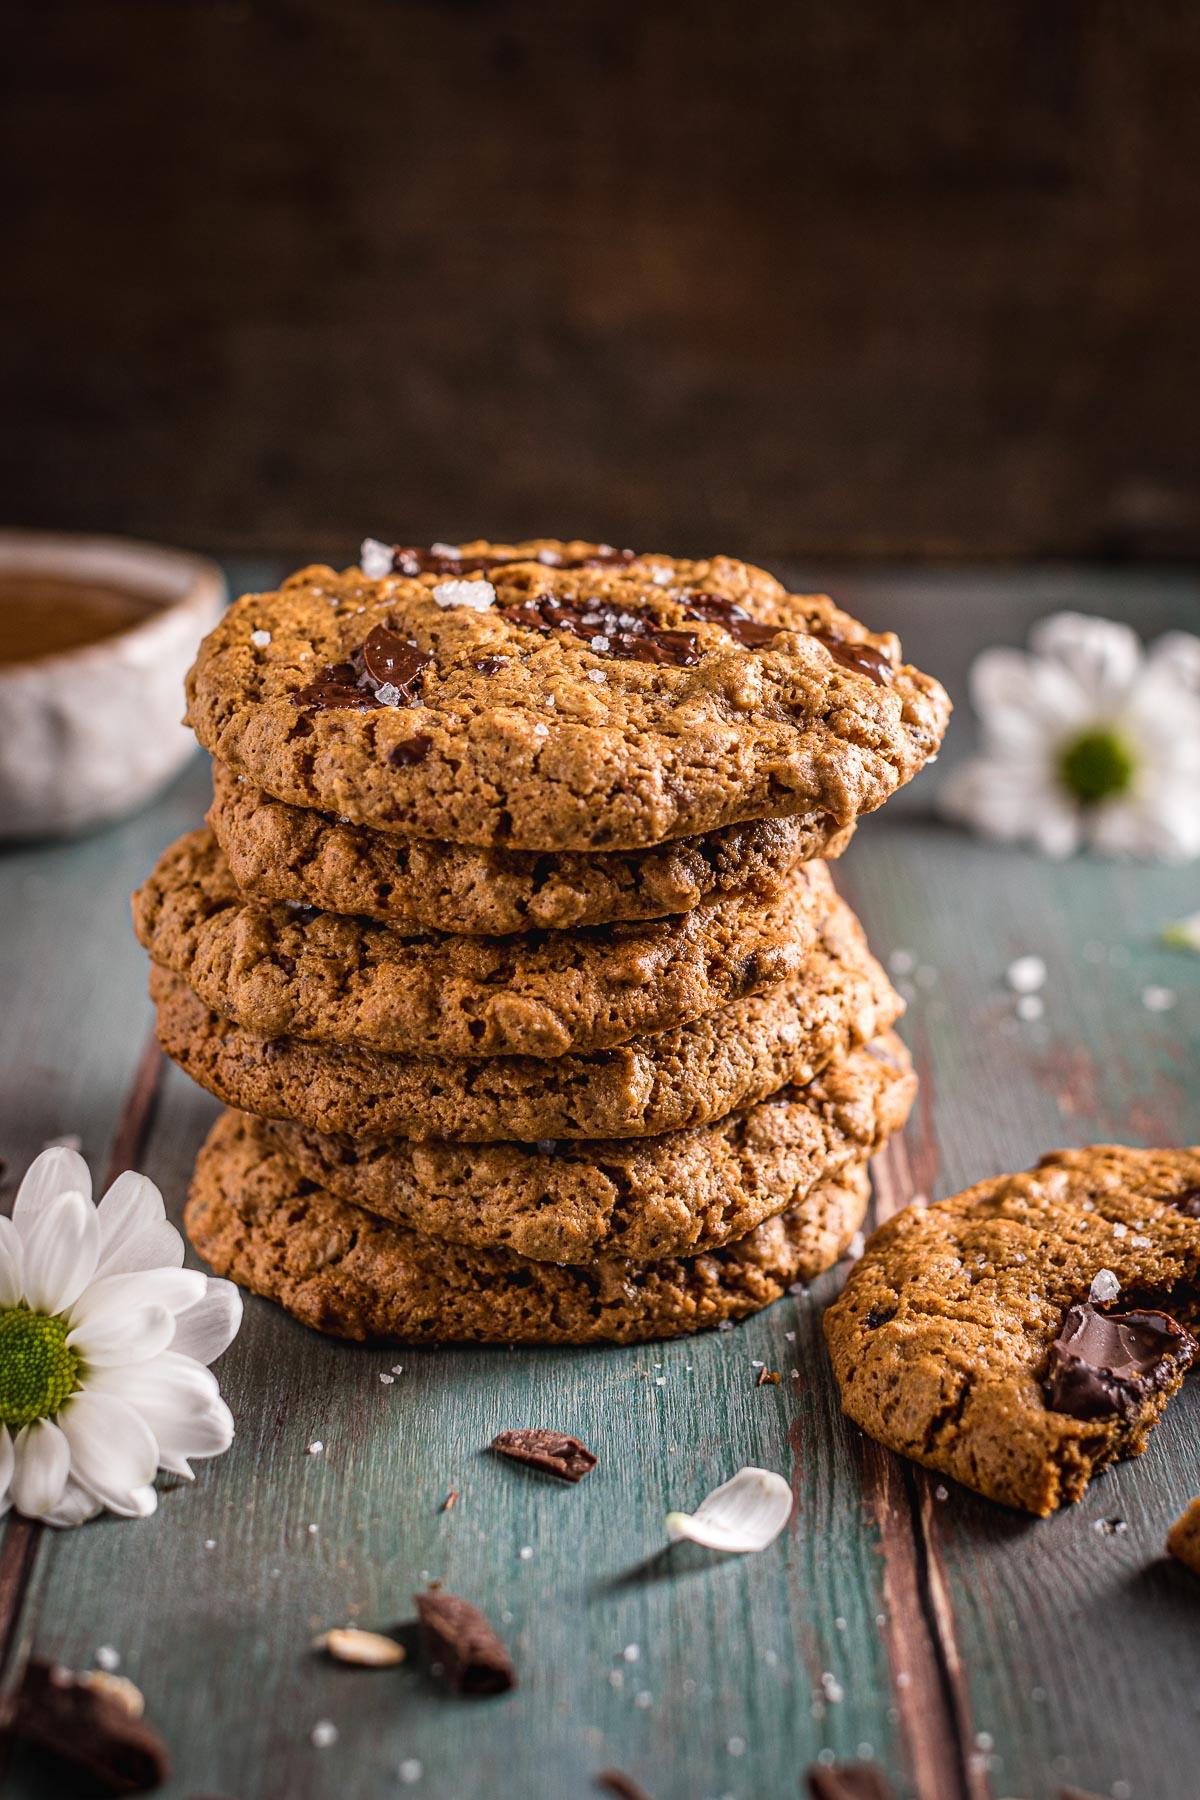 Healthy gluten-free Vegan Oatmeal Chocolate Chip Cookies recipe ricetta come fare Cookies vegani senza glutine al cioccolato senza zucchero raffinato integrali